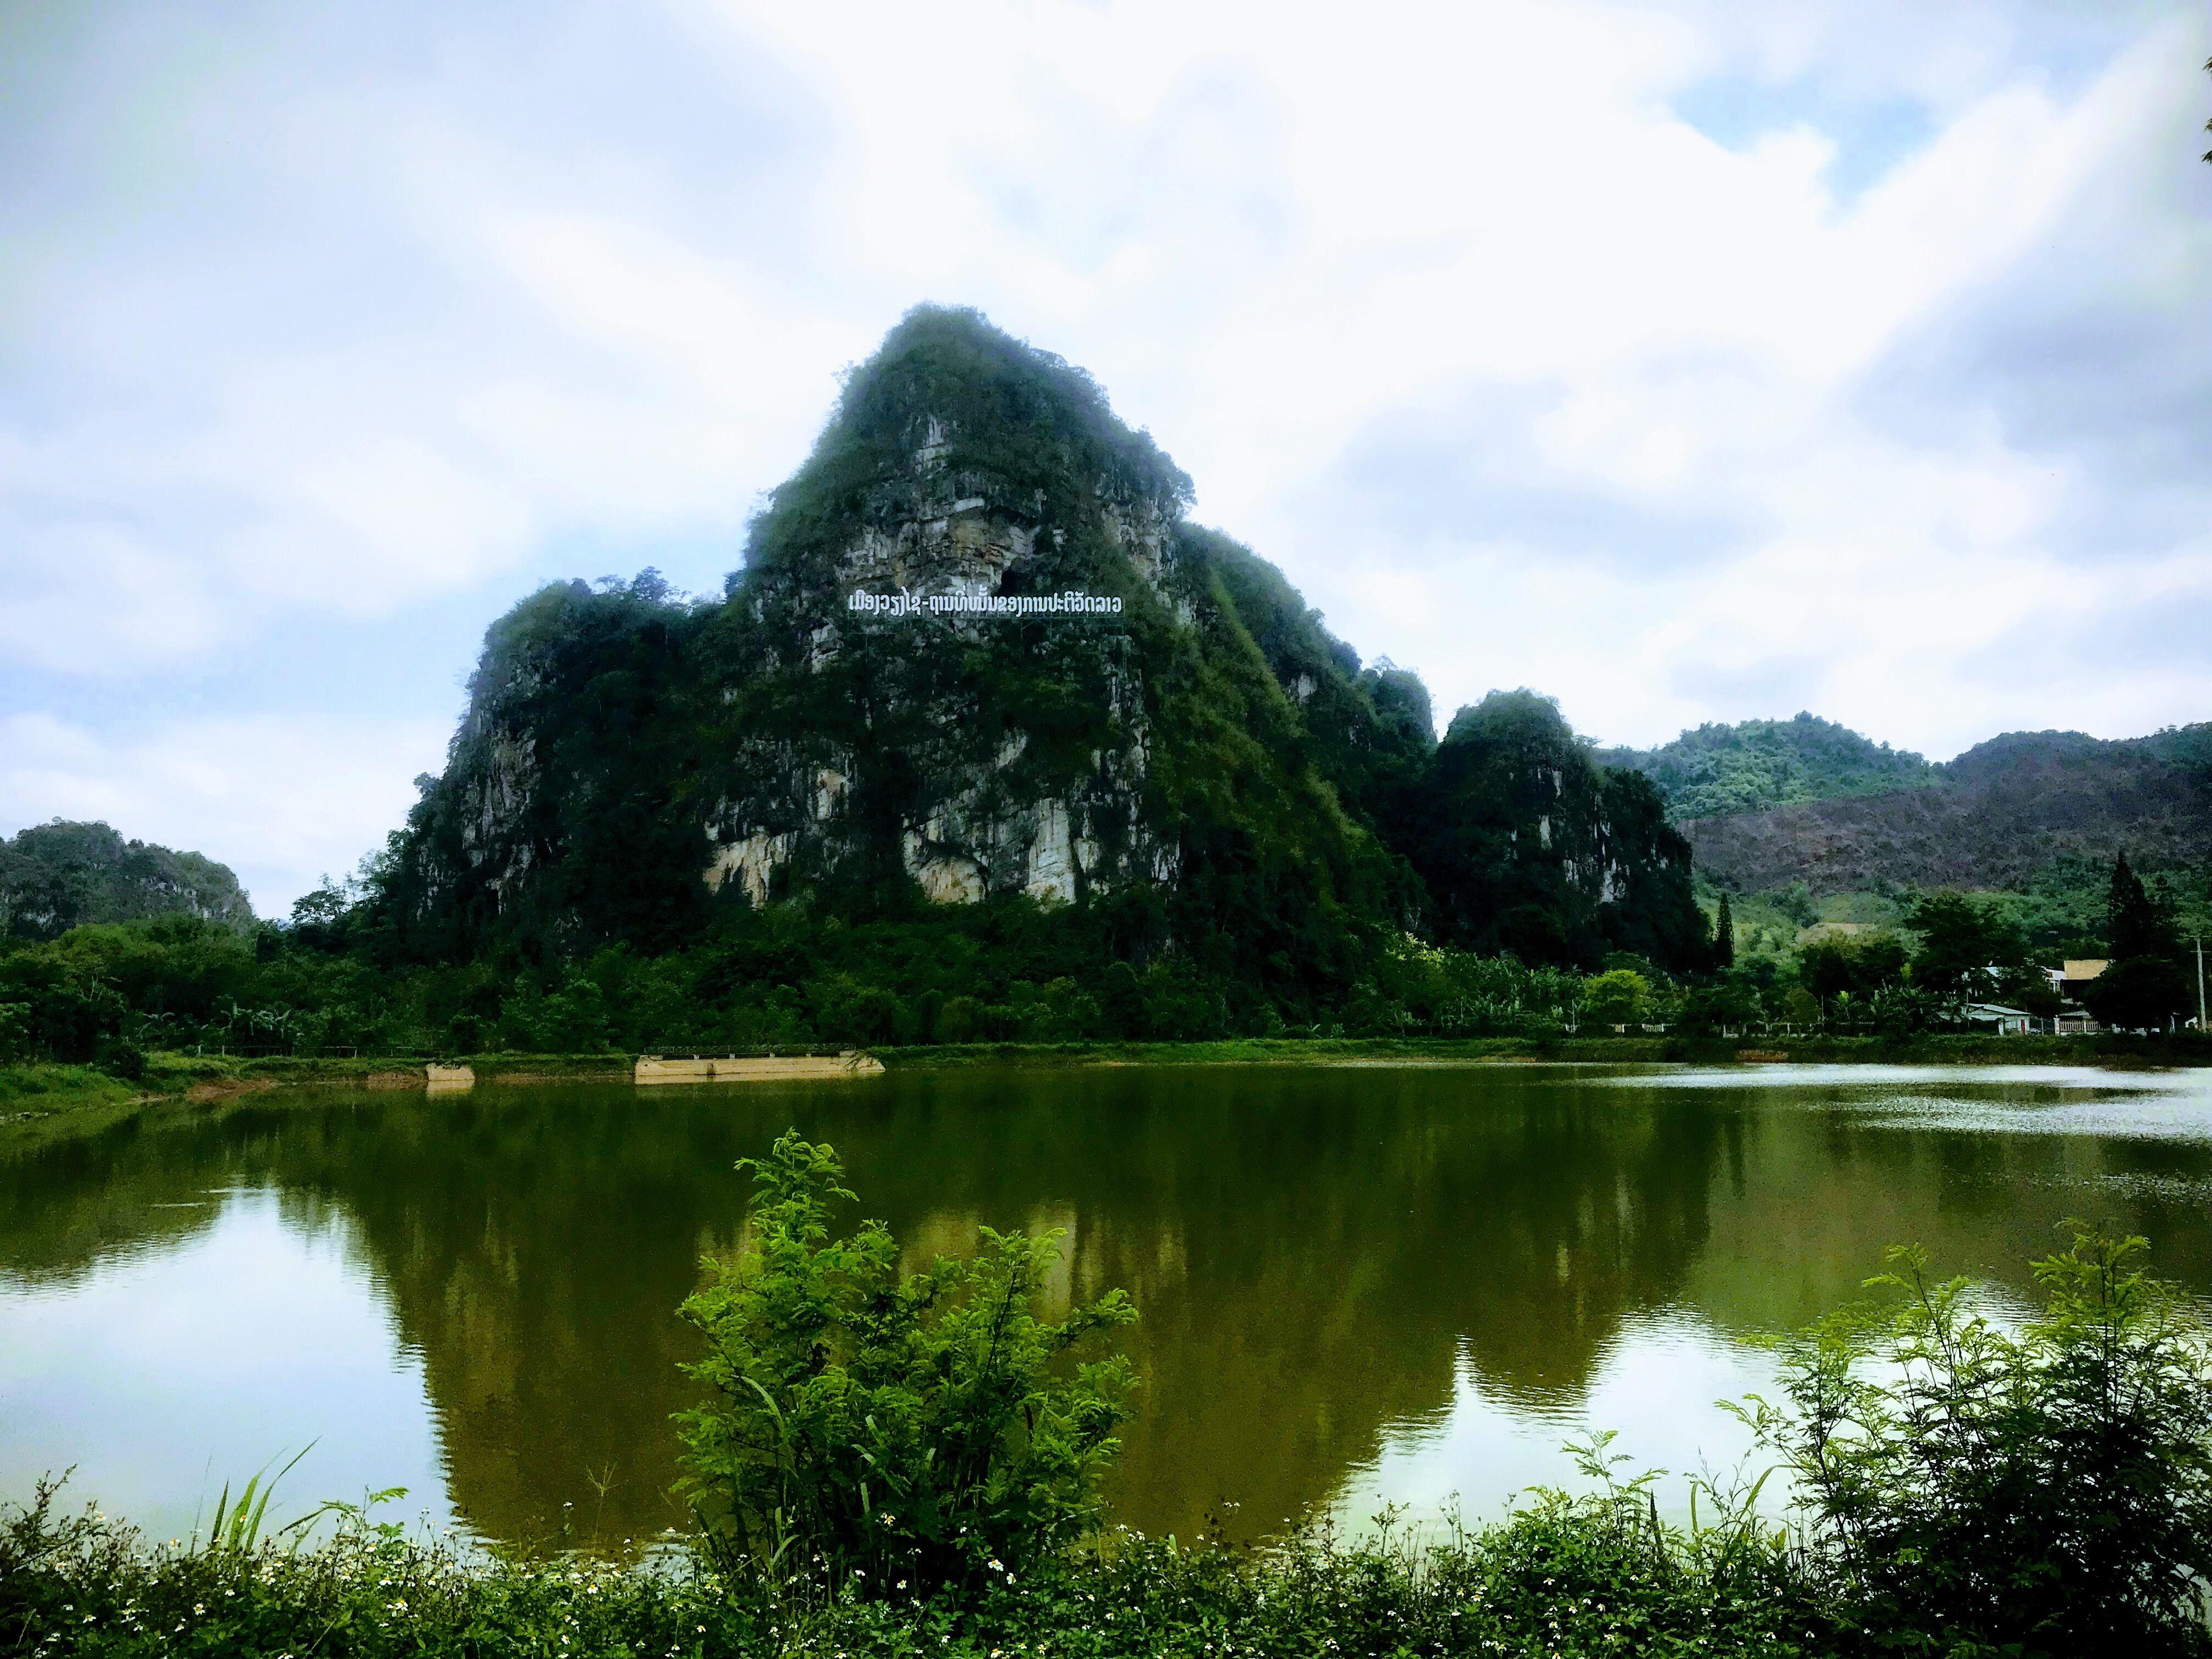 Vieng Xai landscape, Laos